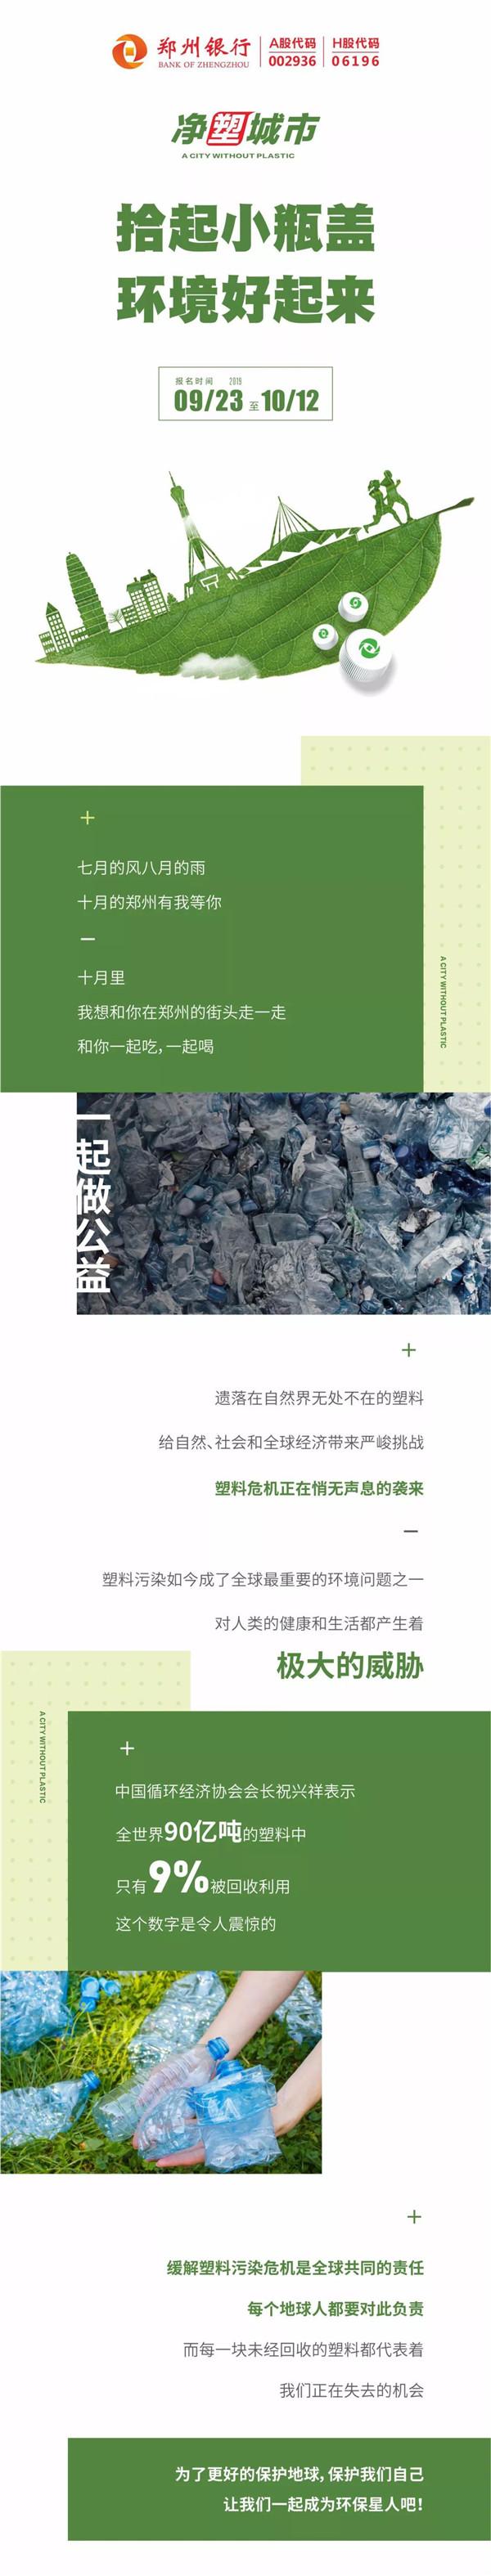 20190923郑州银行净塑城市-1.jpg